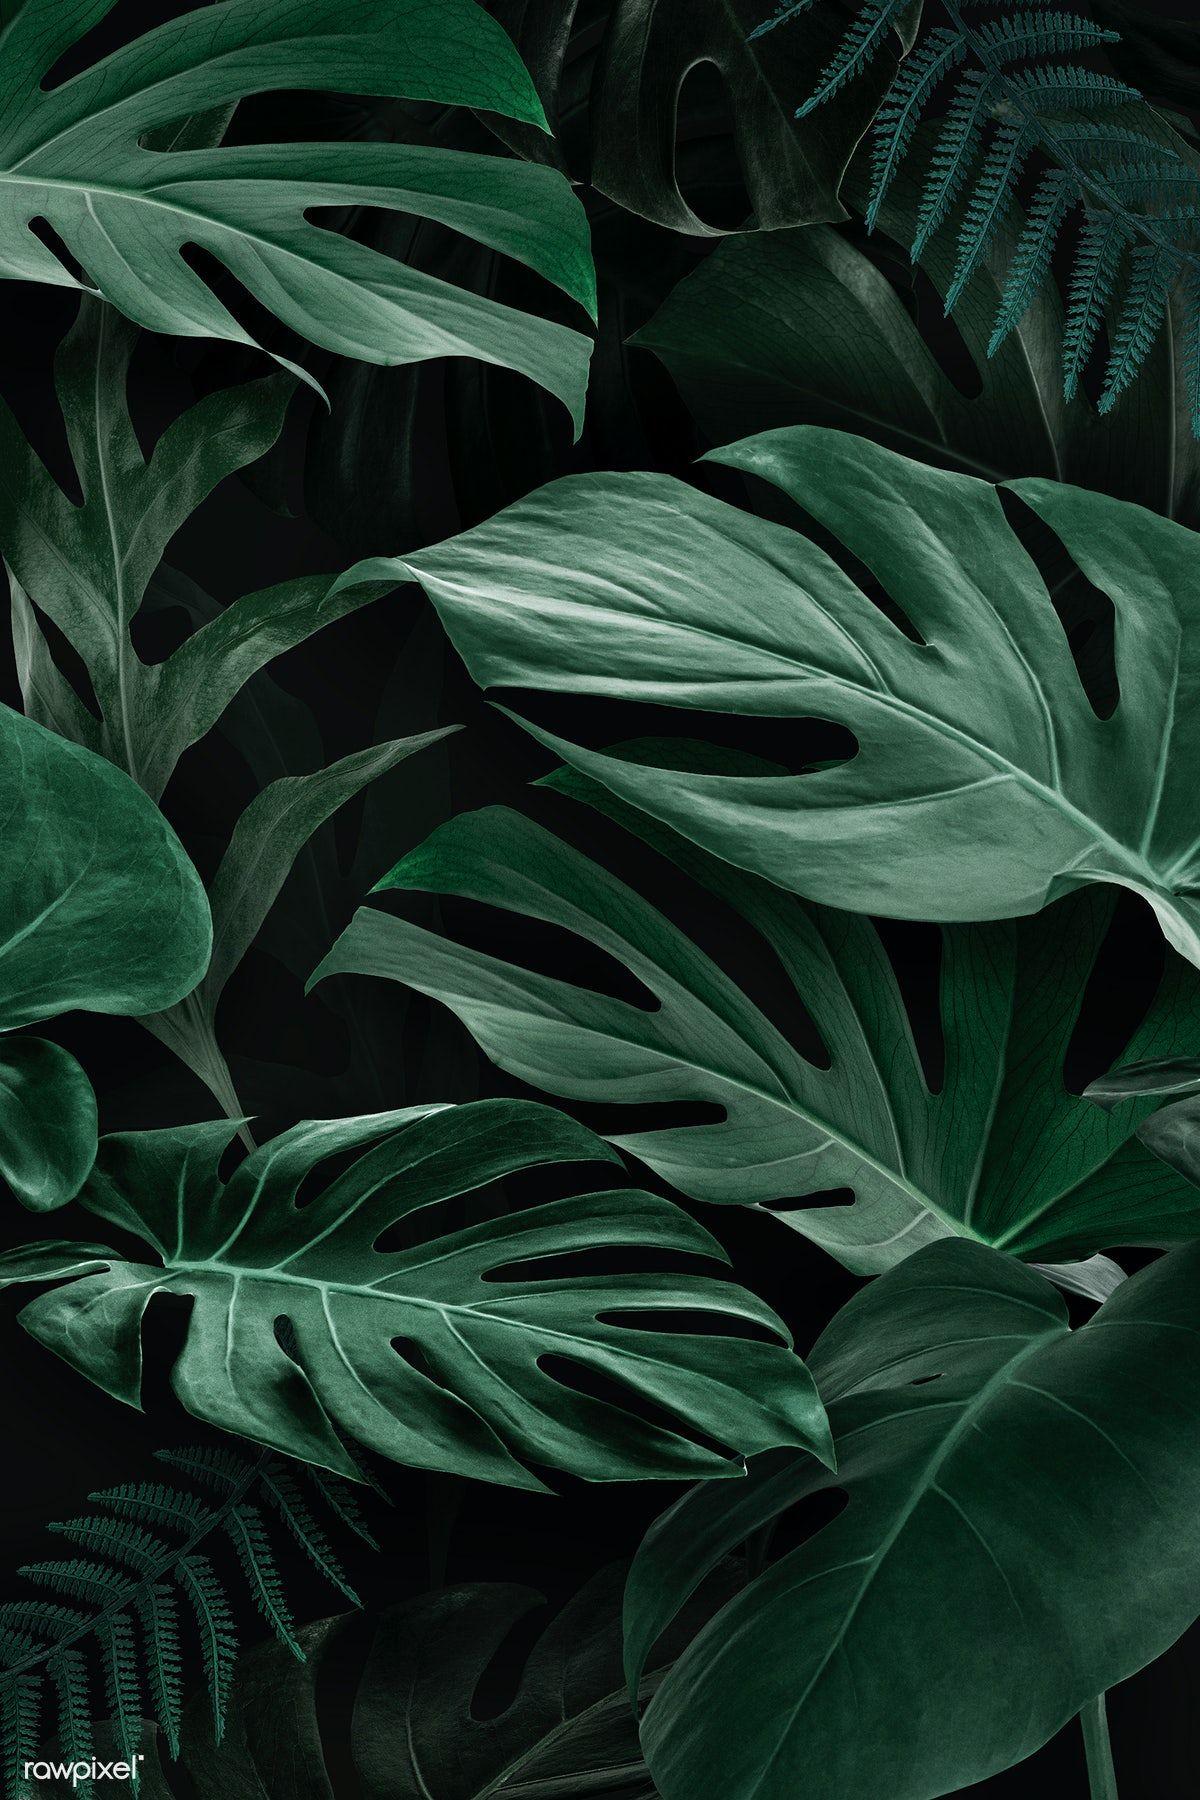 Download Premium Image Of Monstera Leaf Mobile Screen Wallpaper 1219973 Black Wallpaper Iphone Dark Phone Wallpapers Leaves Wallpaper Iphone